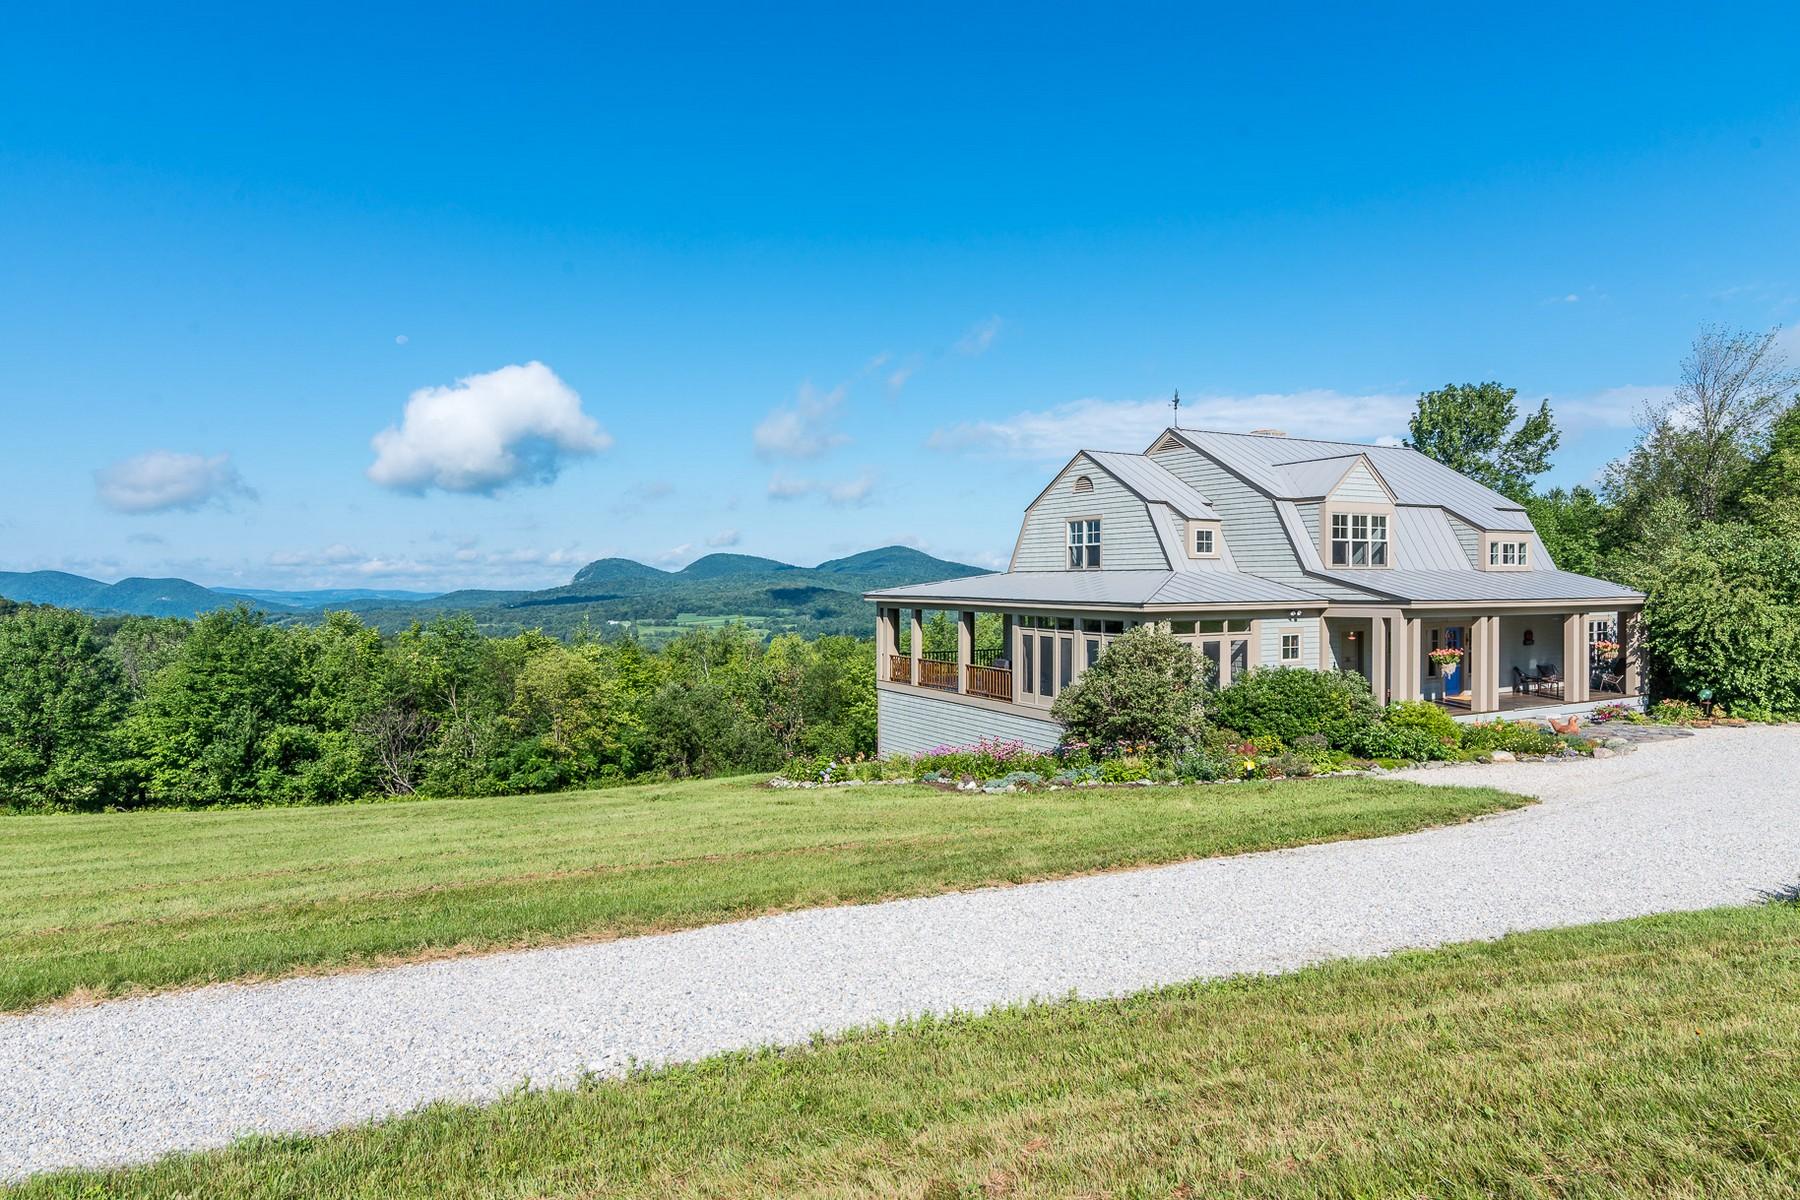 Casa Unifamiliar por un Venta en 1638 Lilly Hill Rd, Danby Danby, Vermont 05761 Estados Unidos